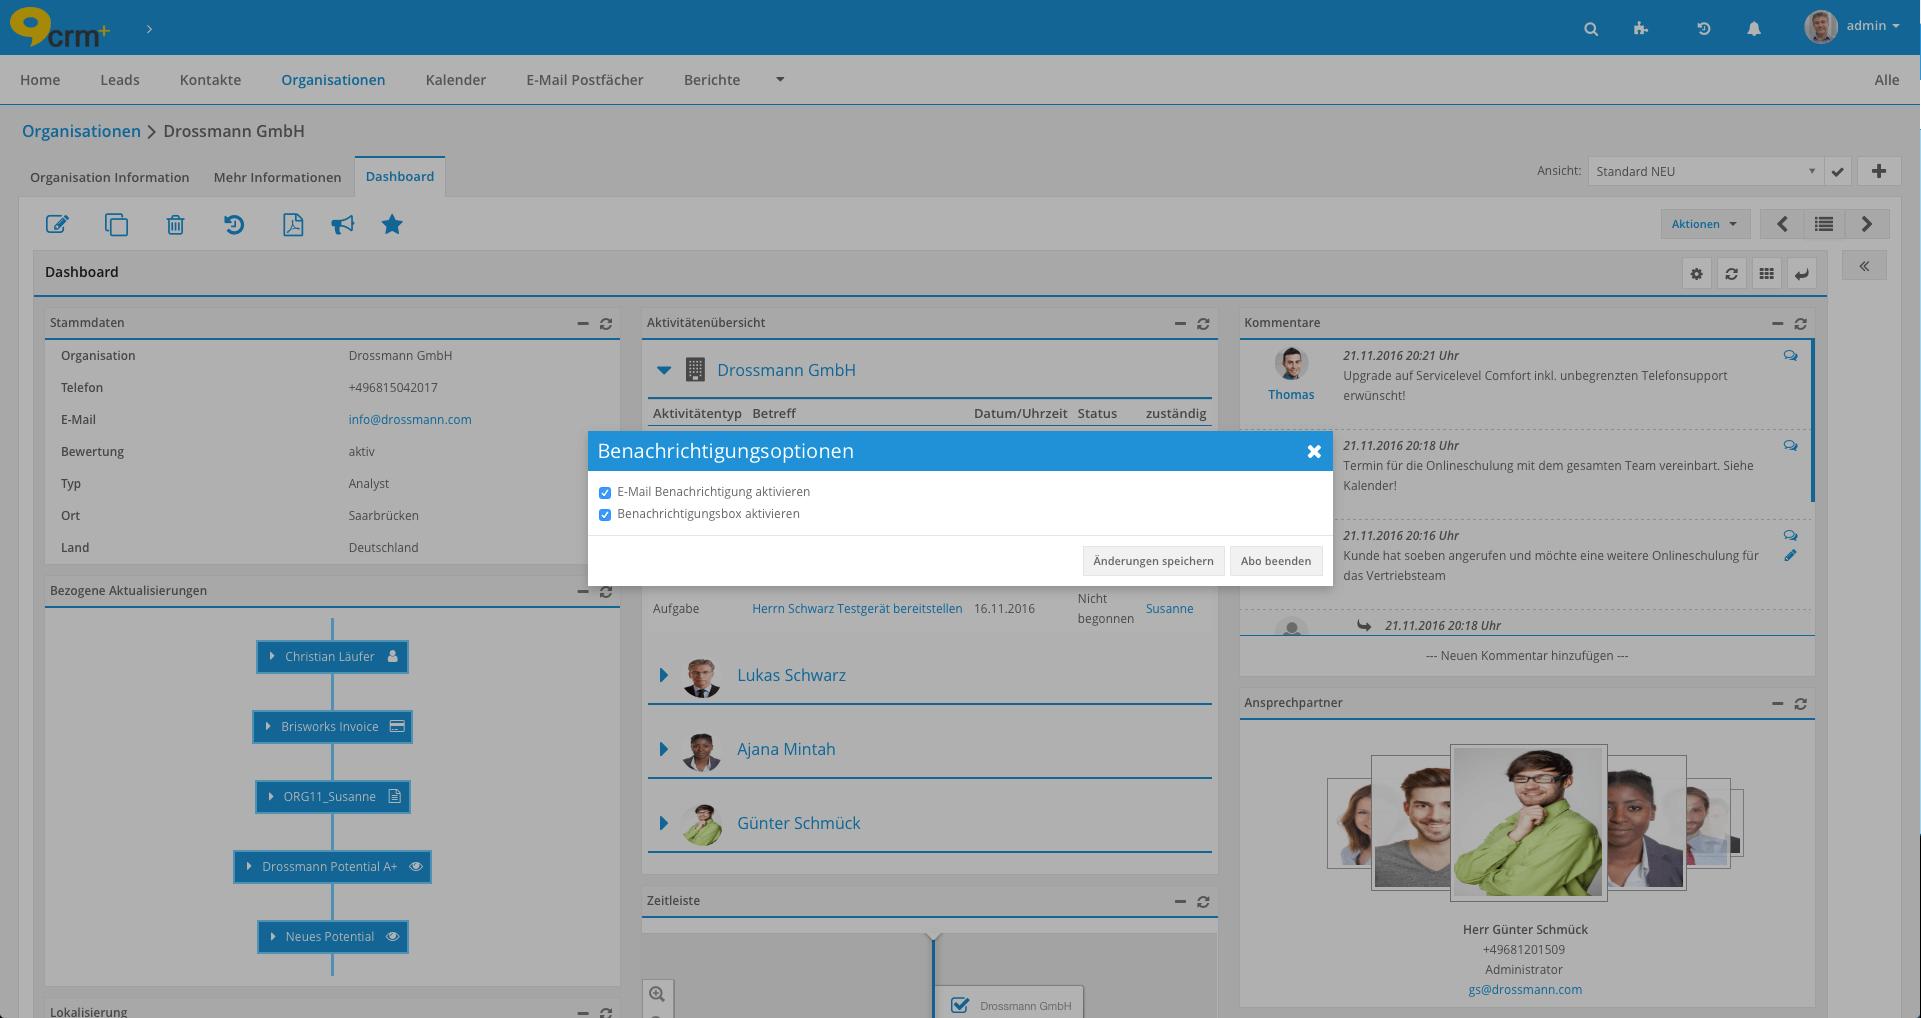 Kommunikationsübersicht in der CRM-Software CRM+